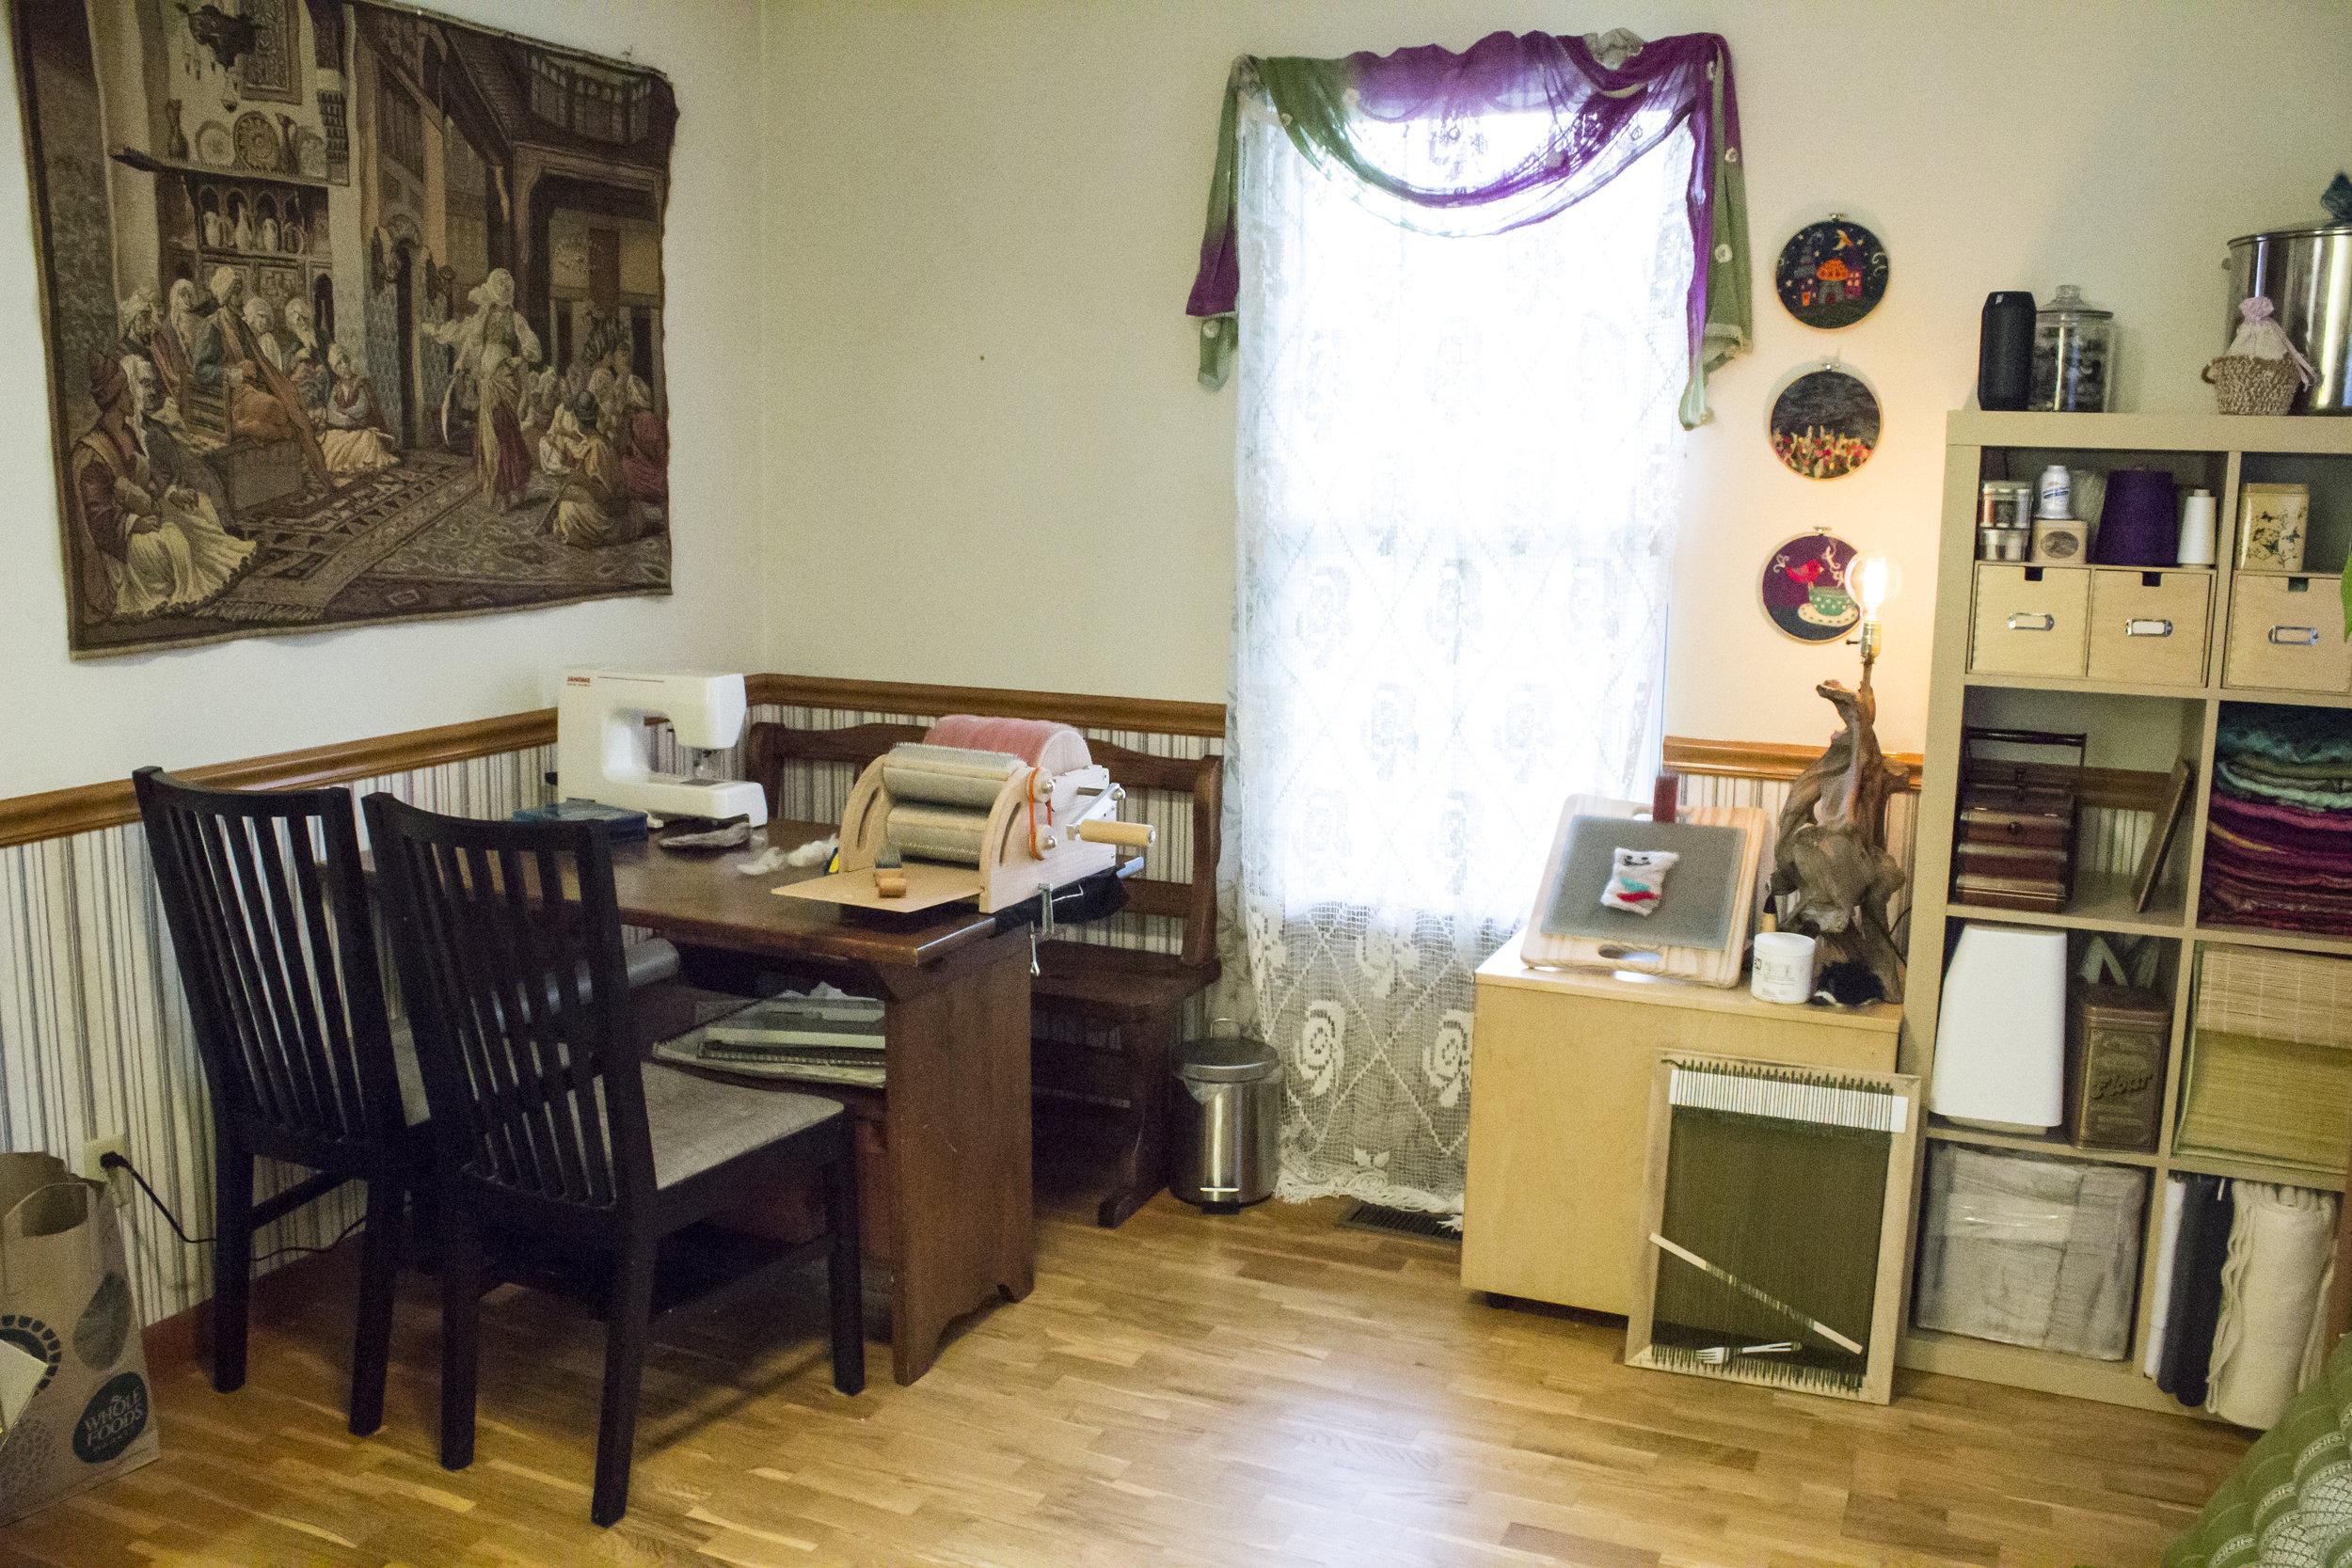 Star Magnolias Fiber Studio Workspace